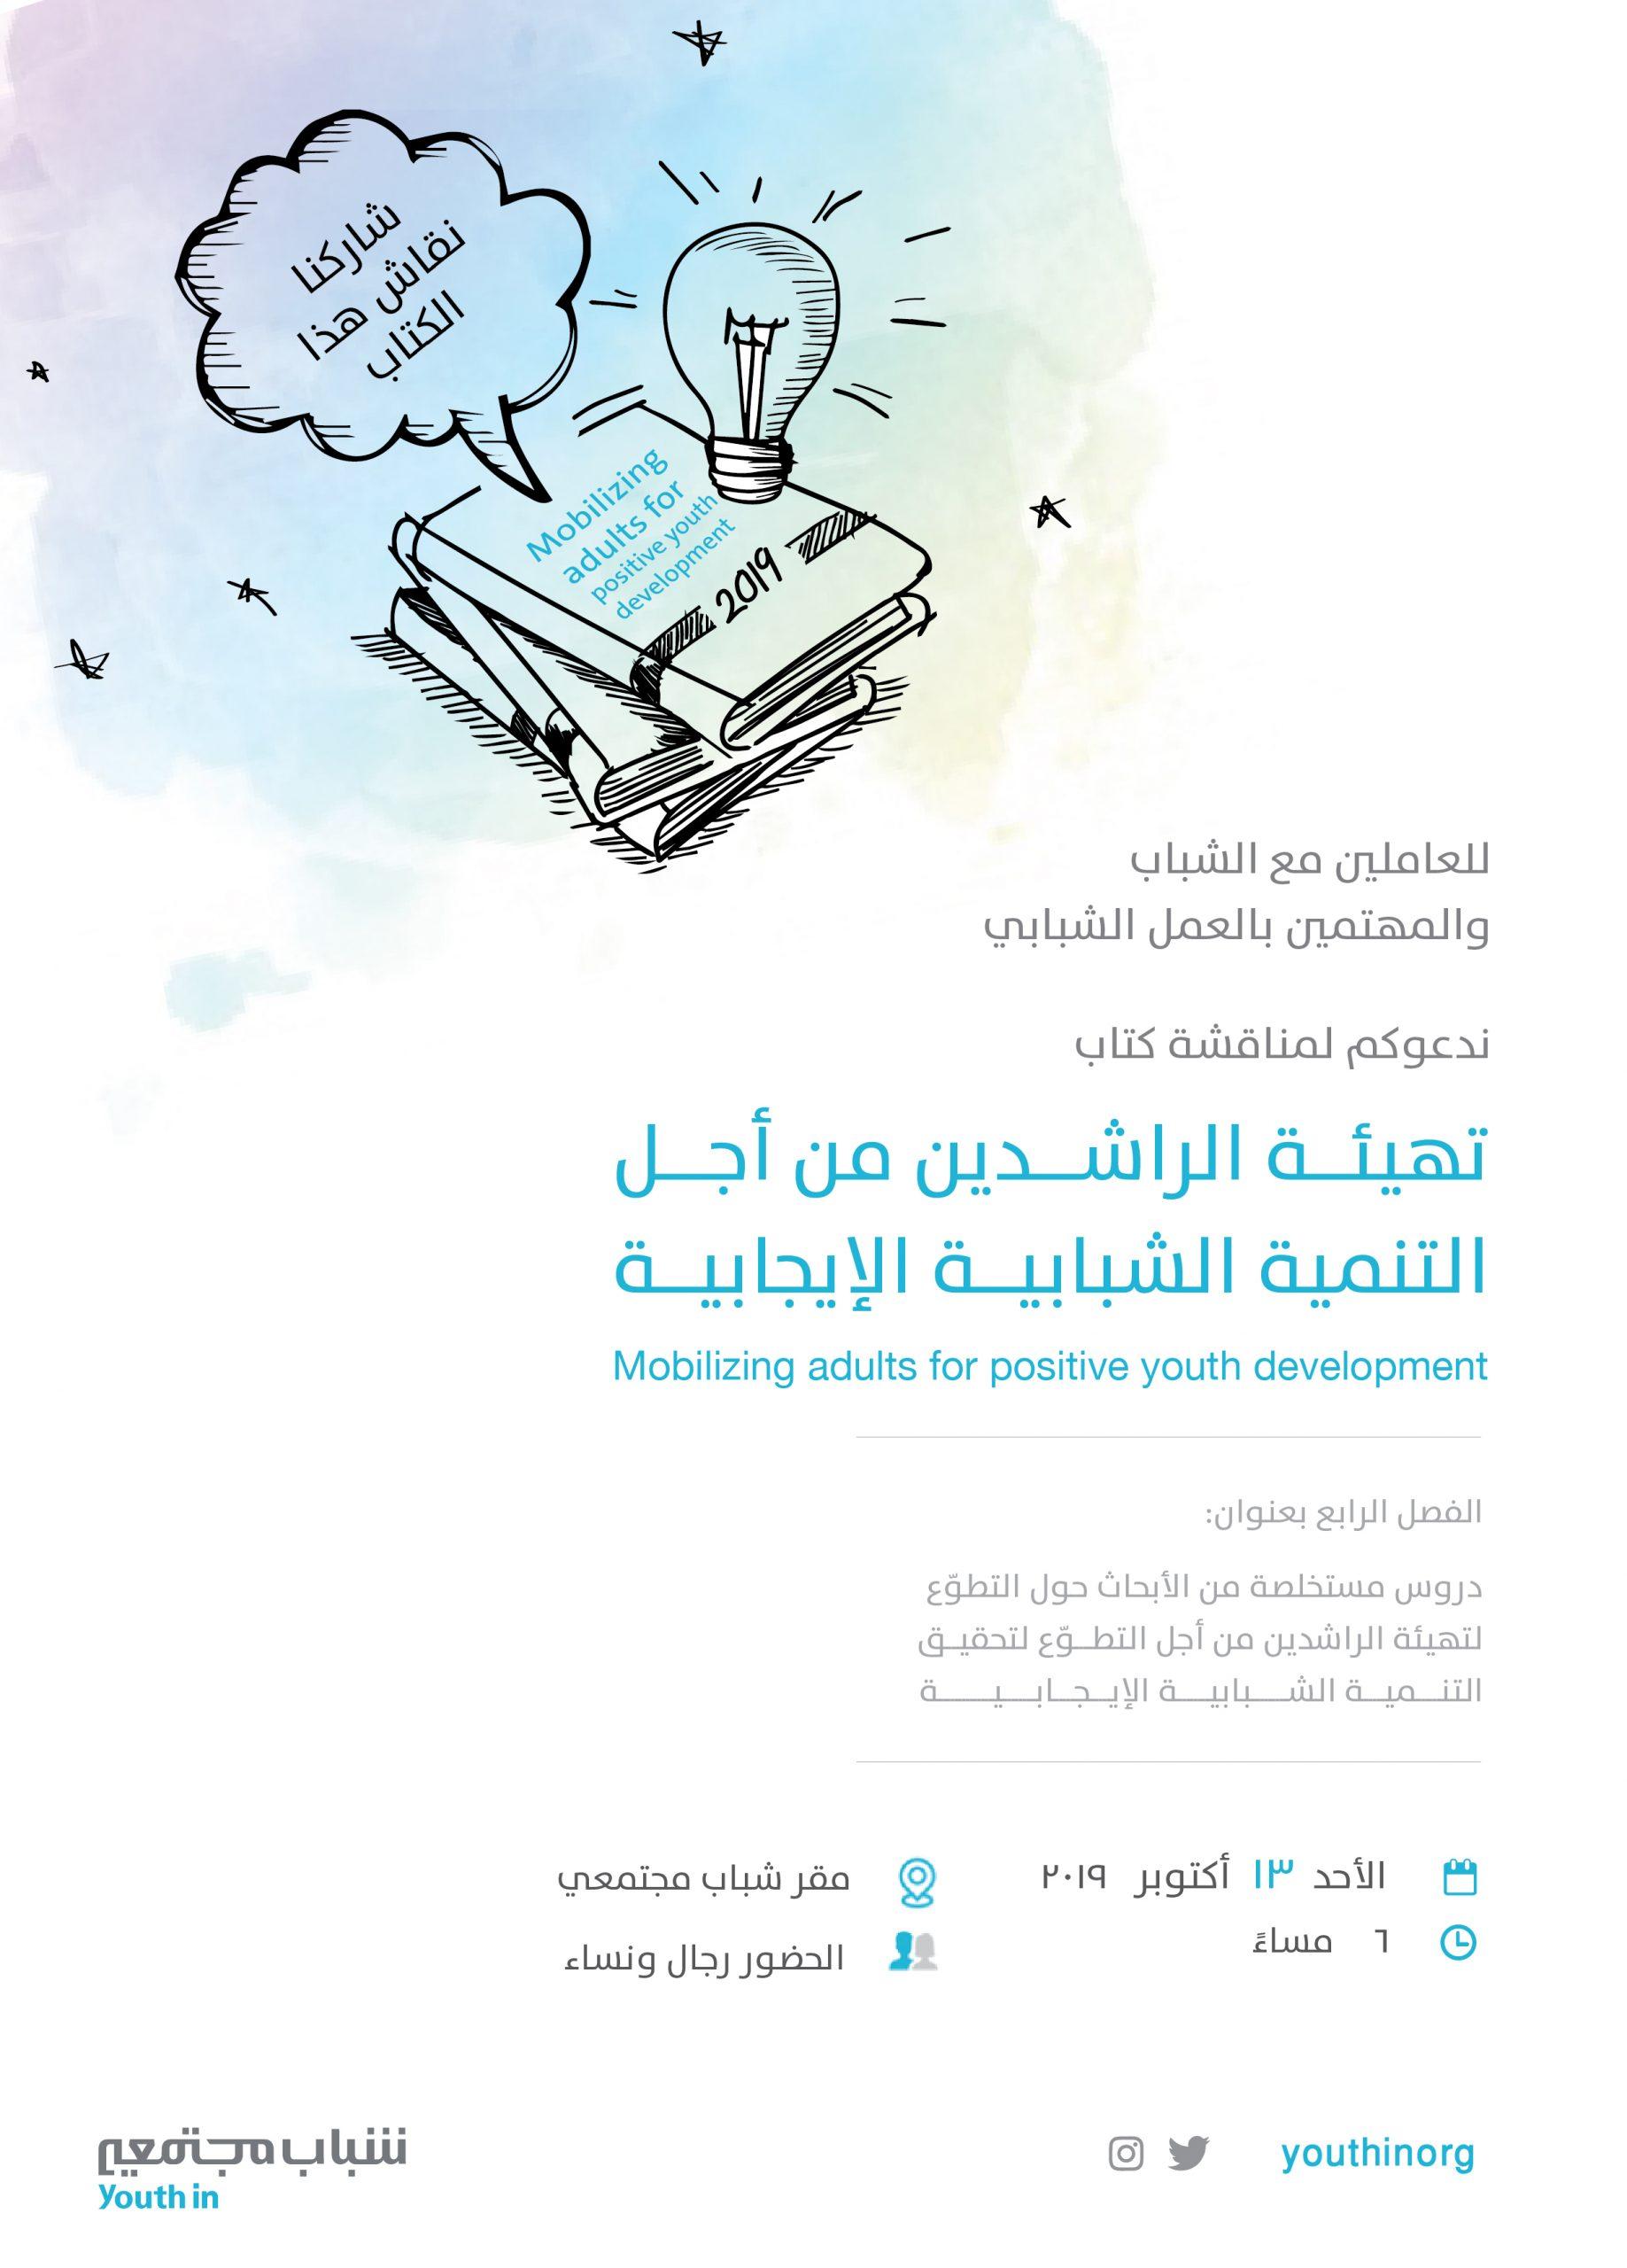 مناقشة الفصل الرابع من كتاب تهيئة الراشدين من أجل التنمية...